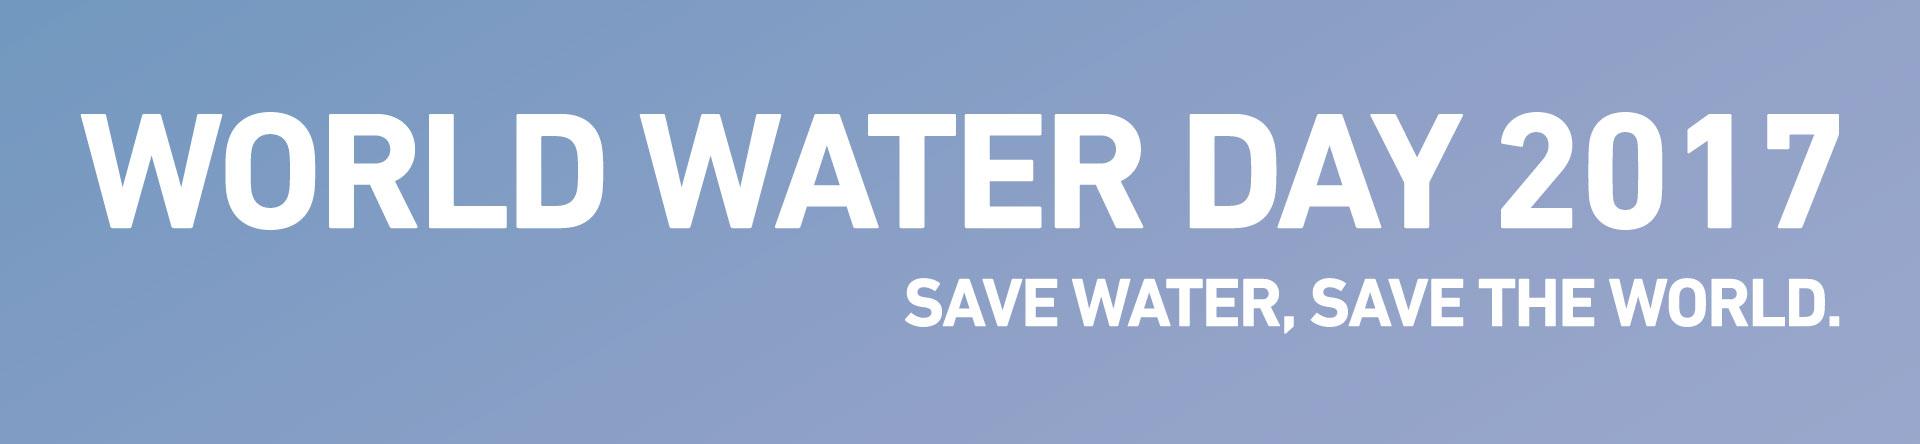 Water_Saving_Day_2017_Top